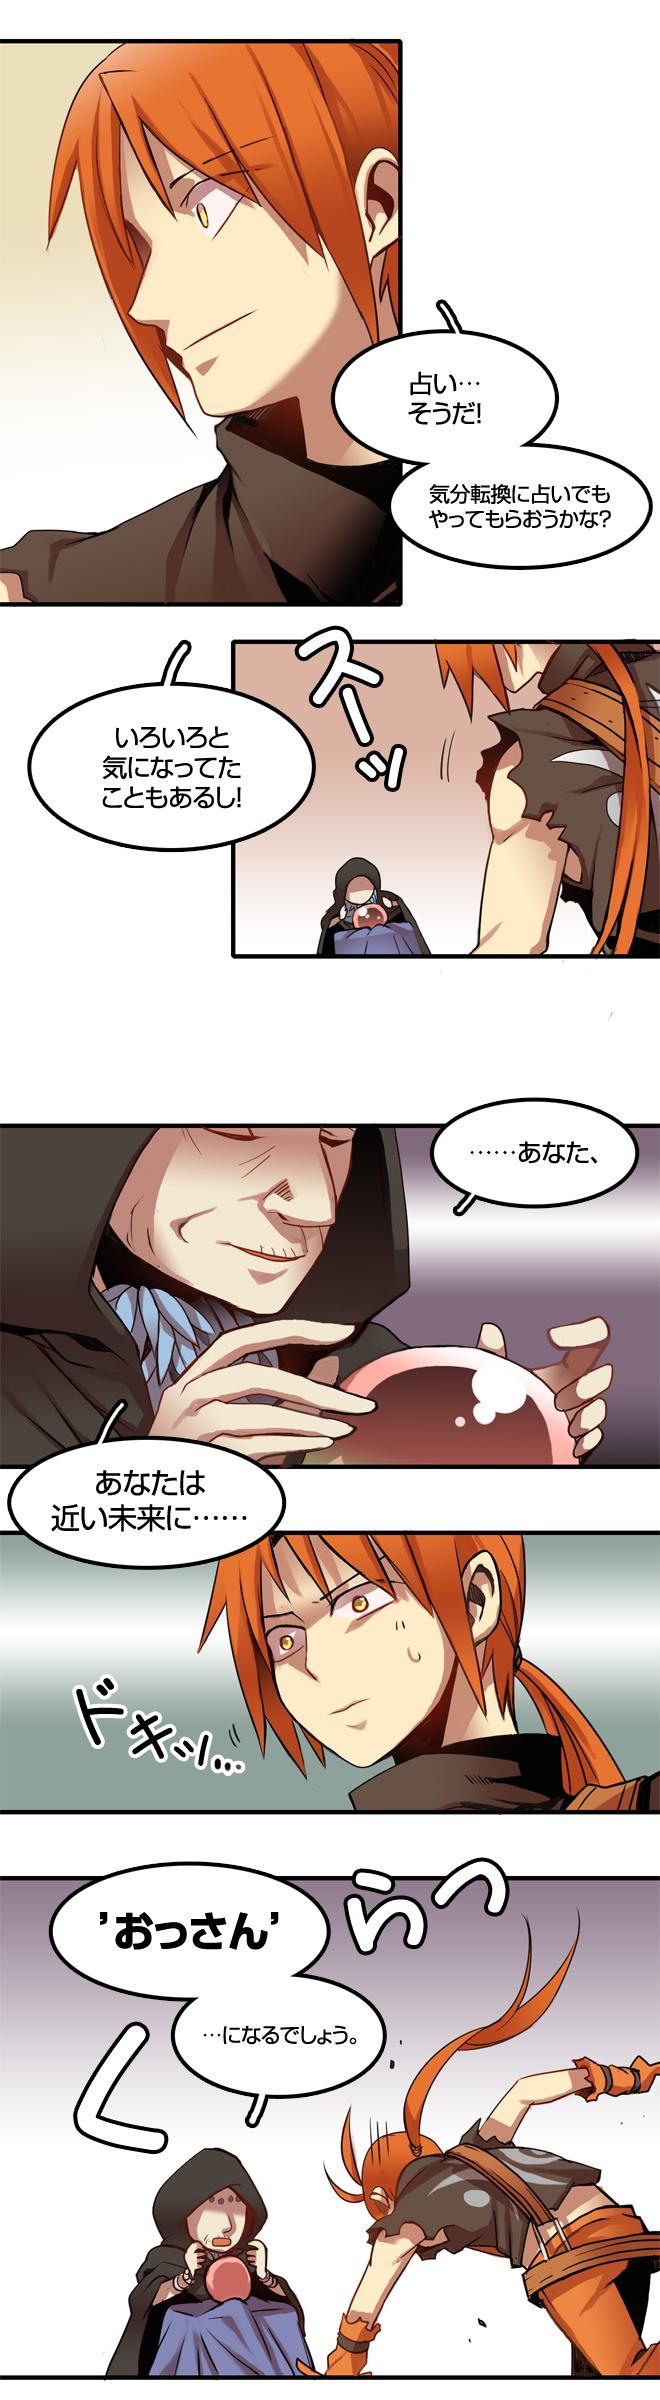 TW_Comic_4_005.jpg